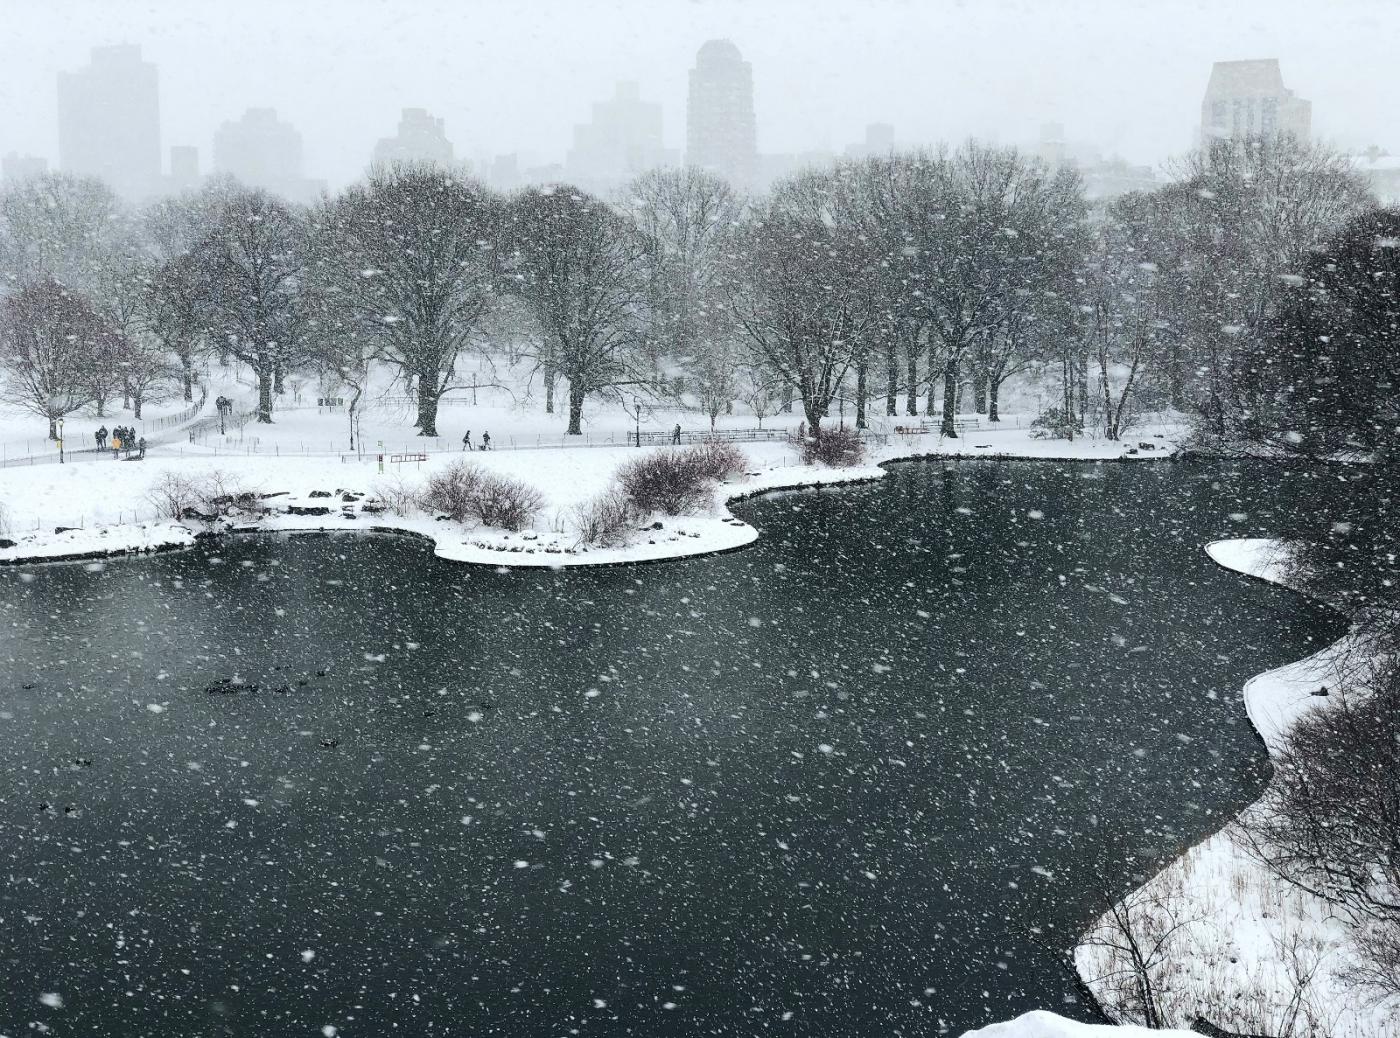 【田螺手机摄影】在纽约市拍雪景、还是中央公园最漂亮_图1-6